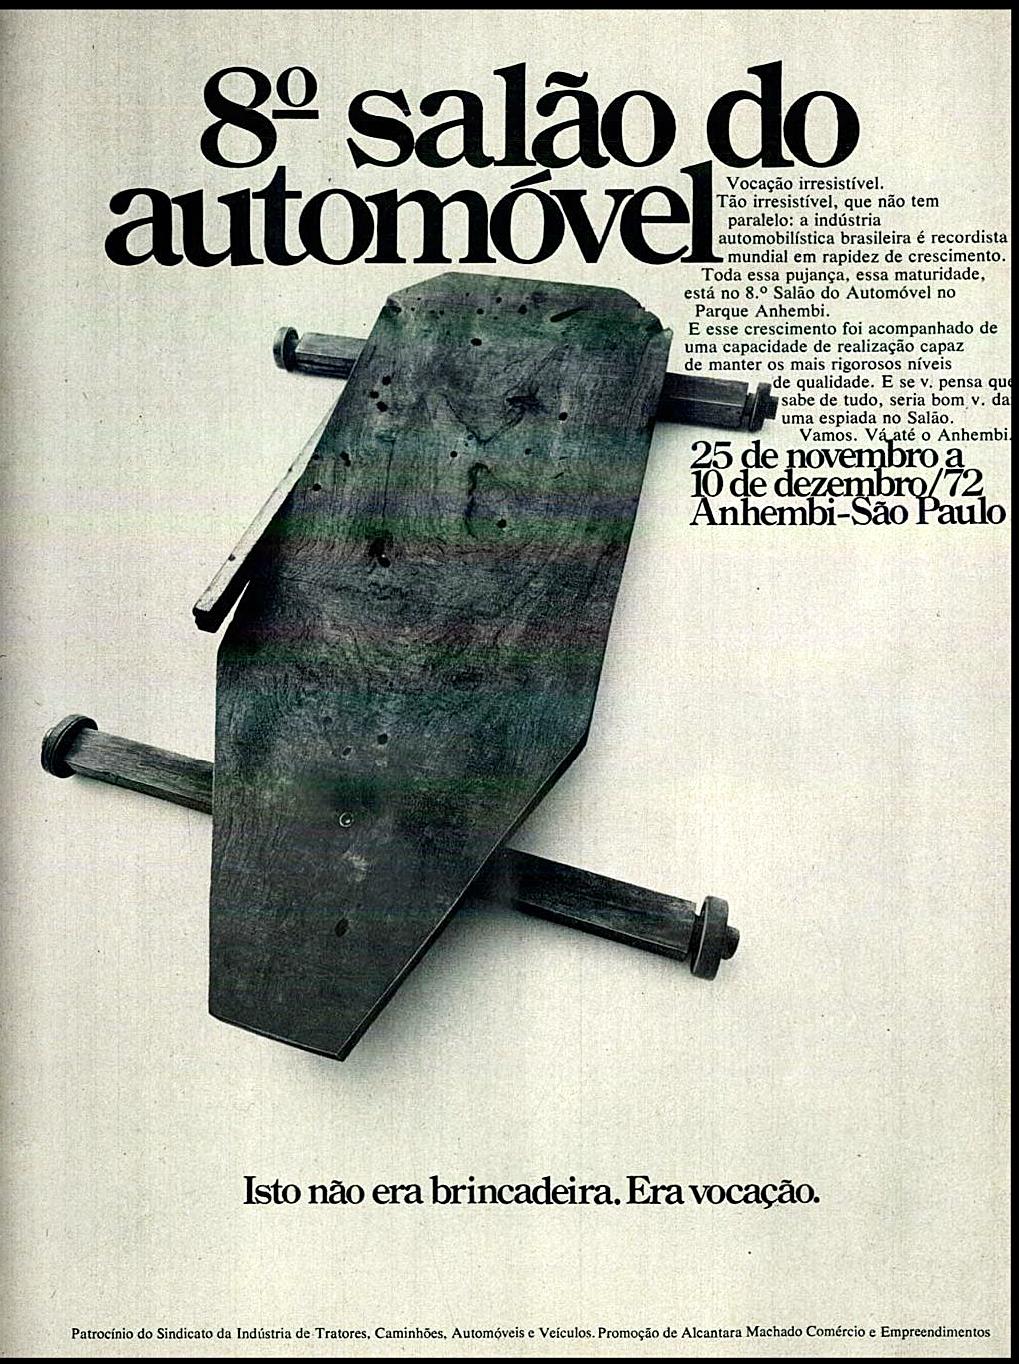 Campanha publicitária para promover o 8º Salão do Automóvel em 1972